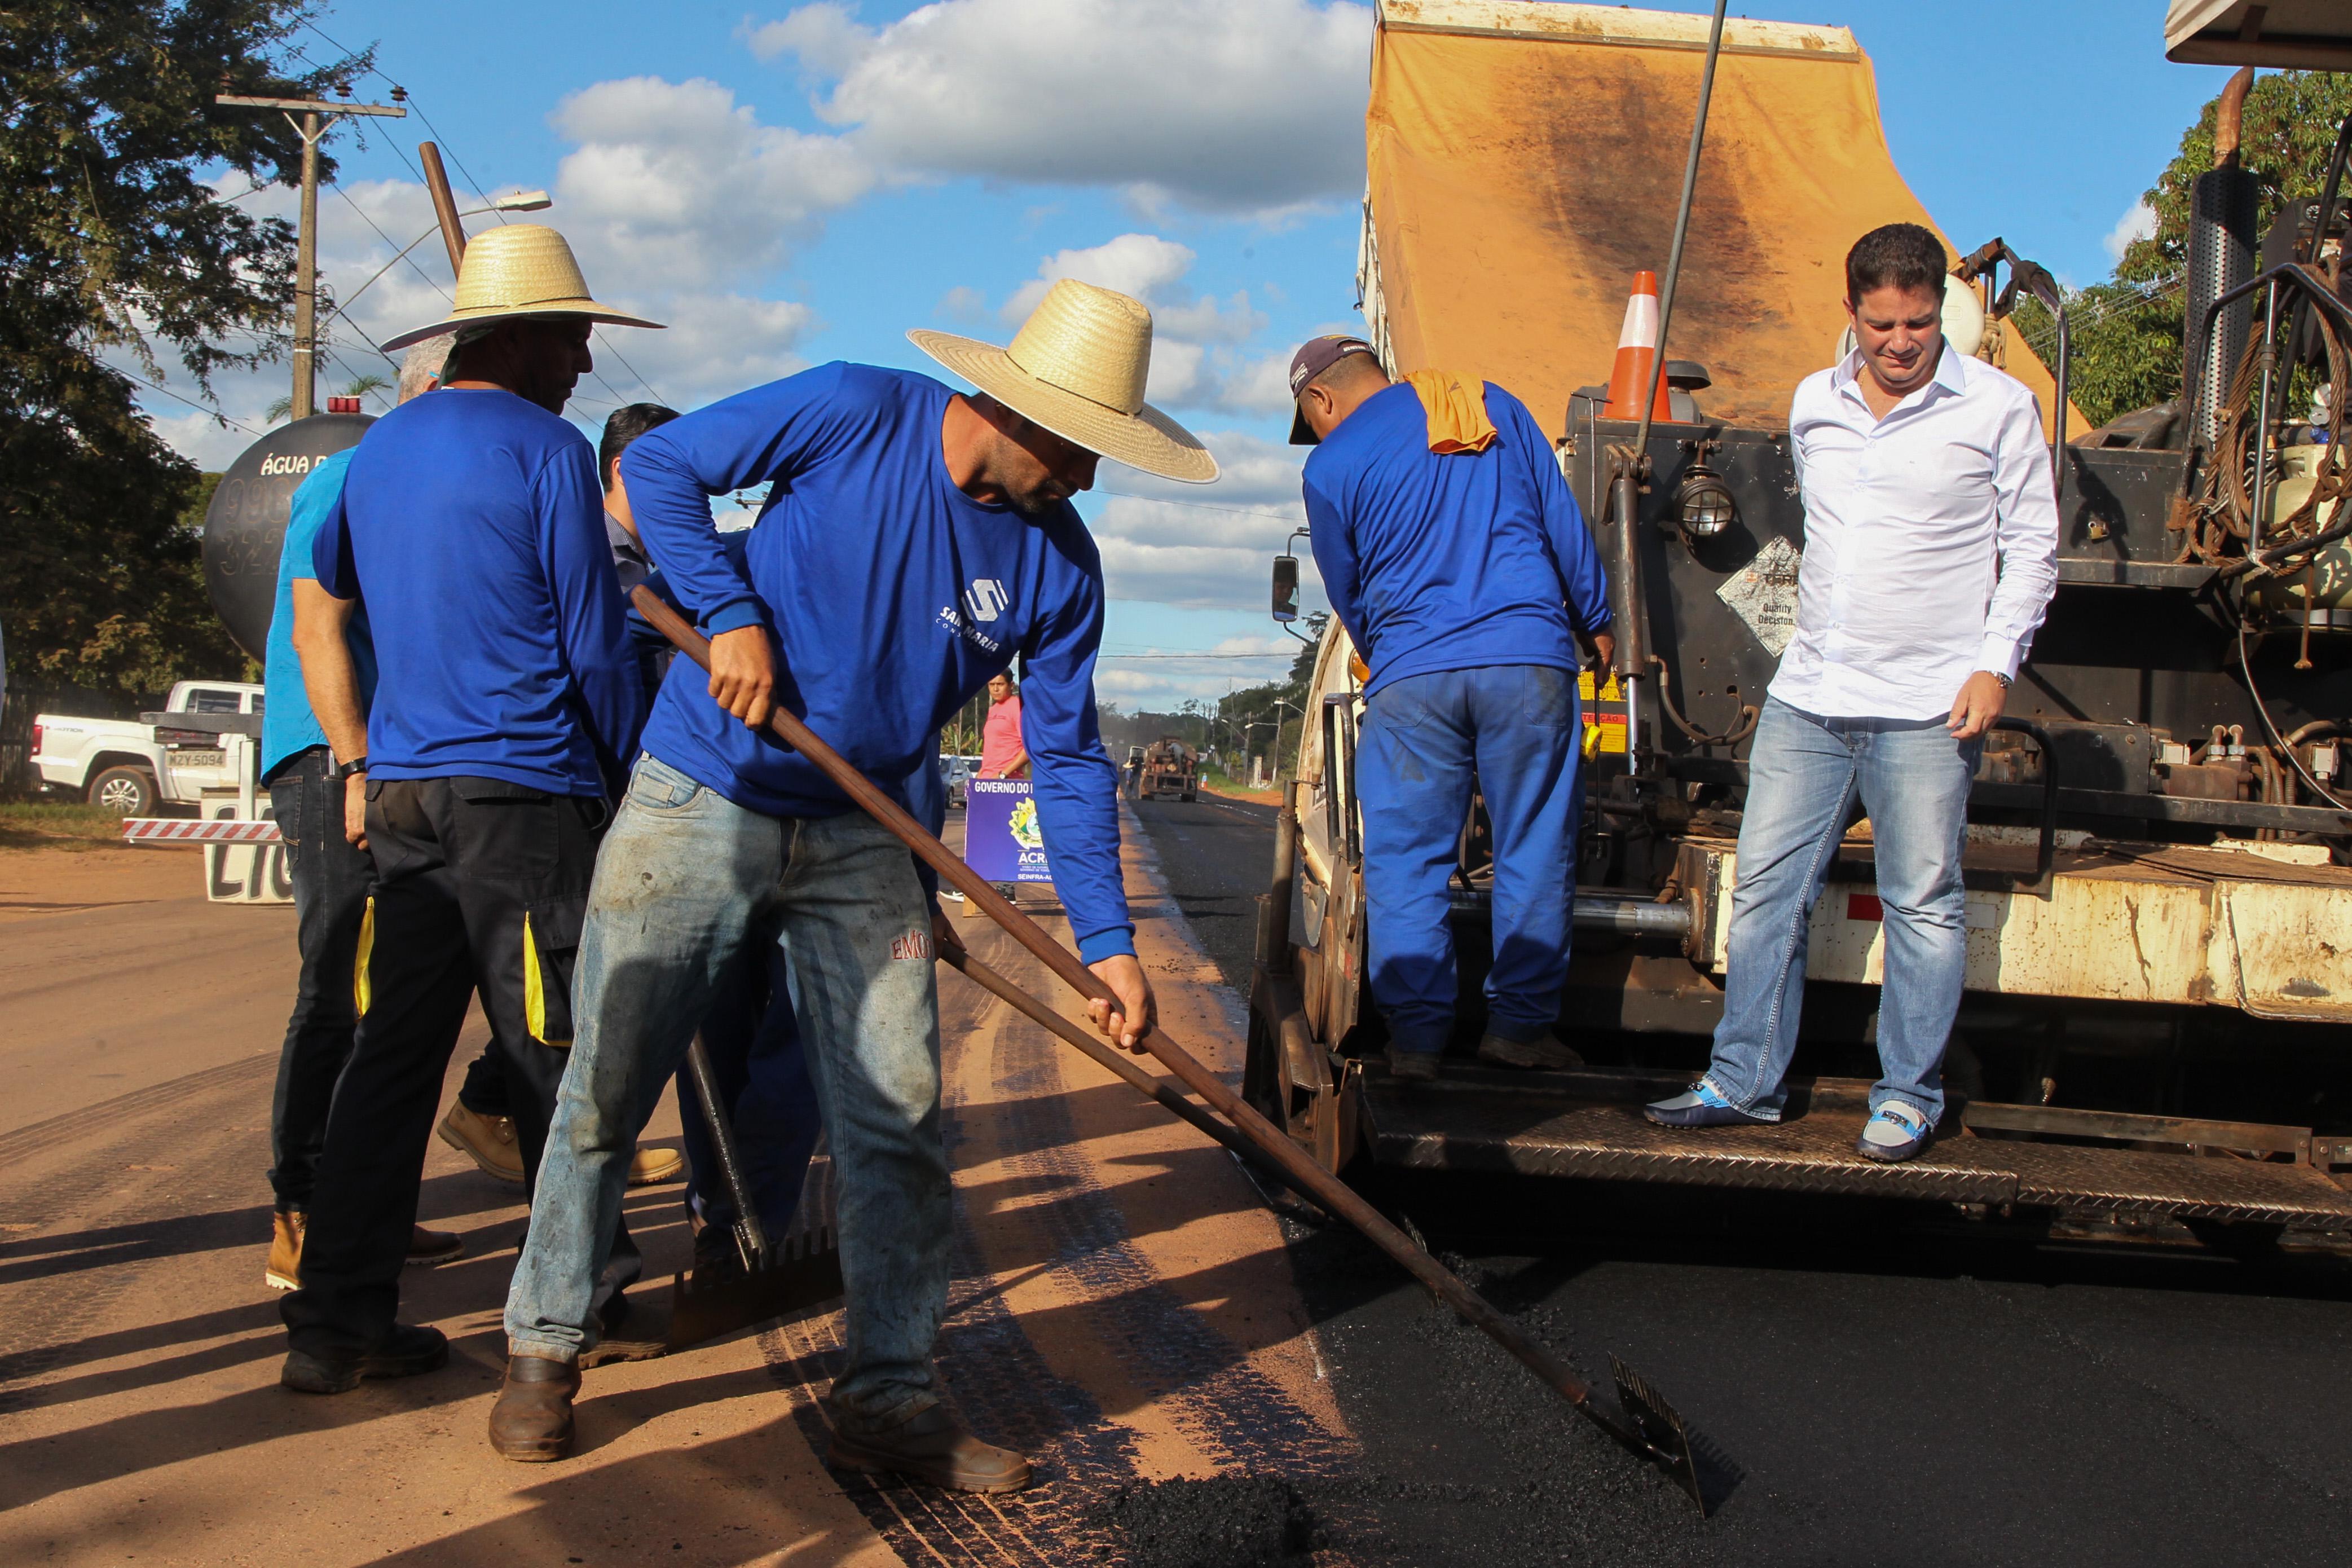 Obras emergenciais em pontos críticos serão concluídas em 15 dias